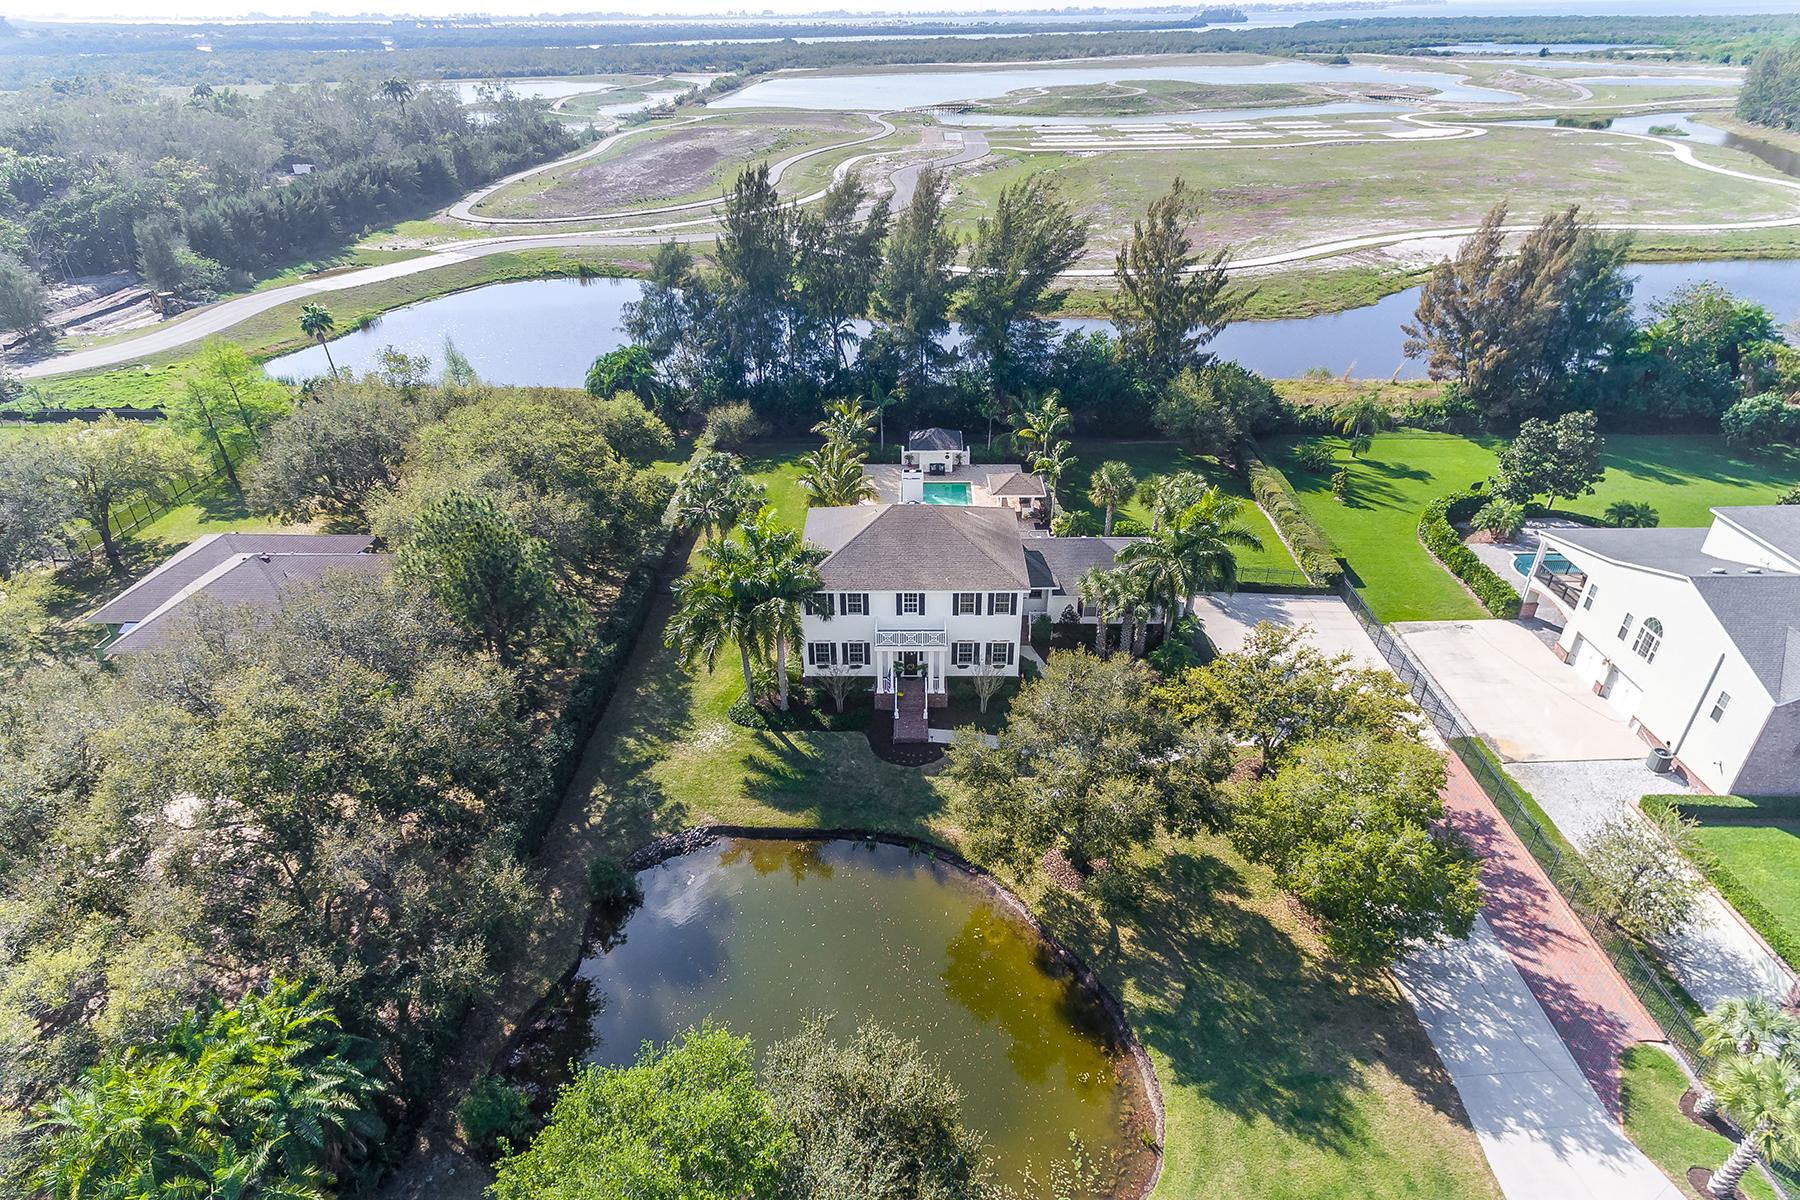 独户住宅 为 销售 在 MANATEE RIVER REGION 1002 99th St NW 布雷登顿, 佛罗里达州, 34209 美国